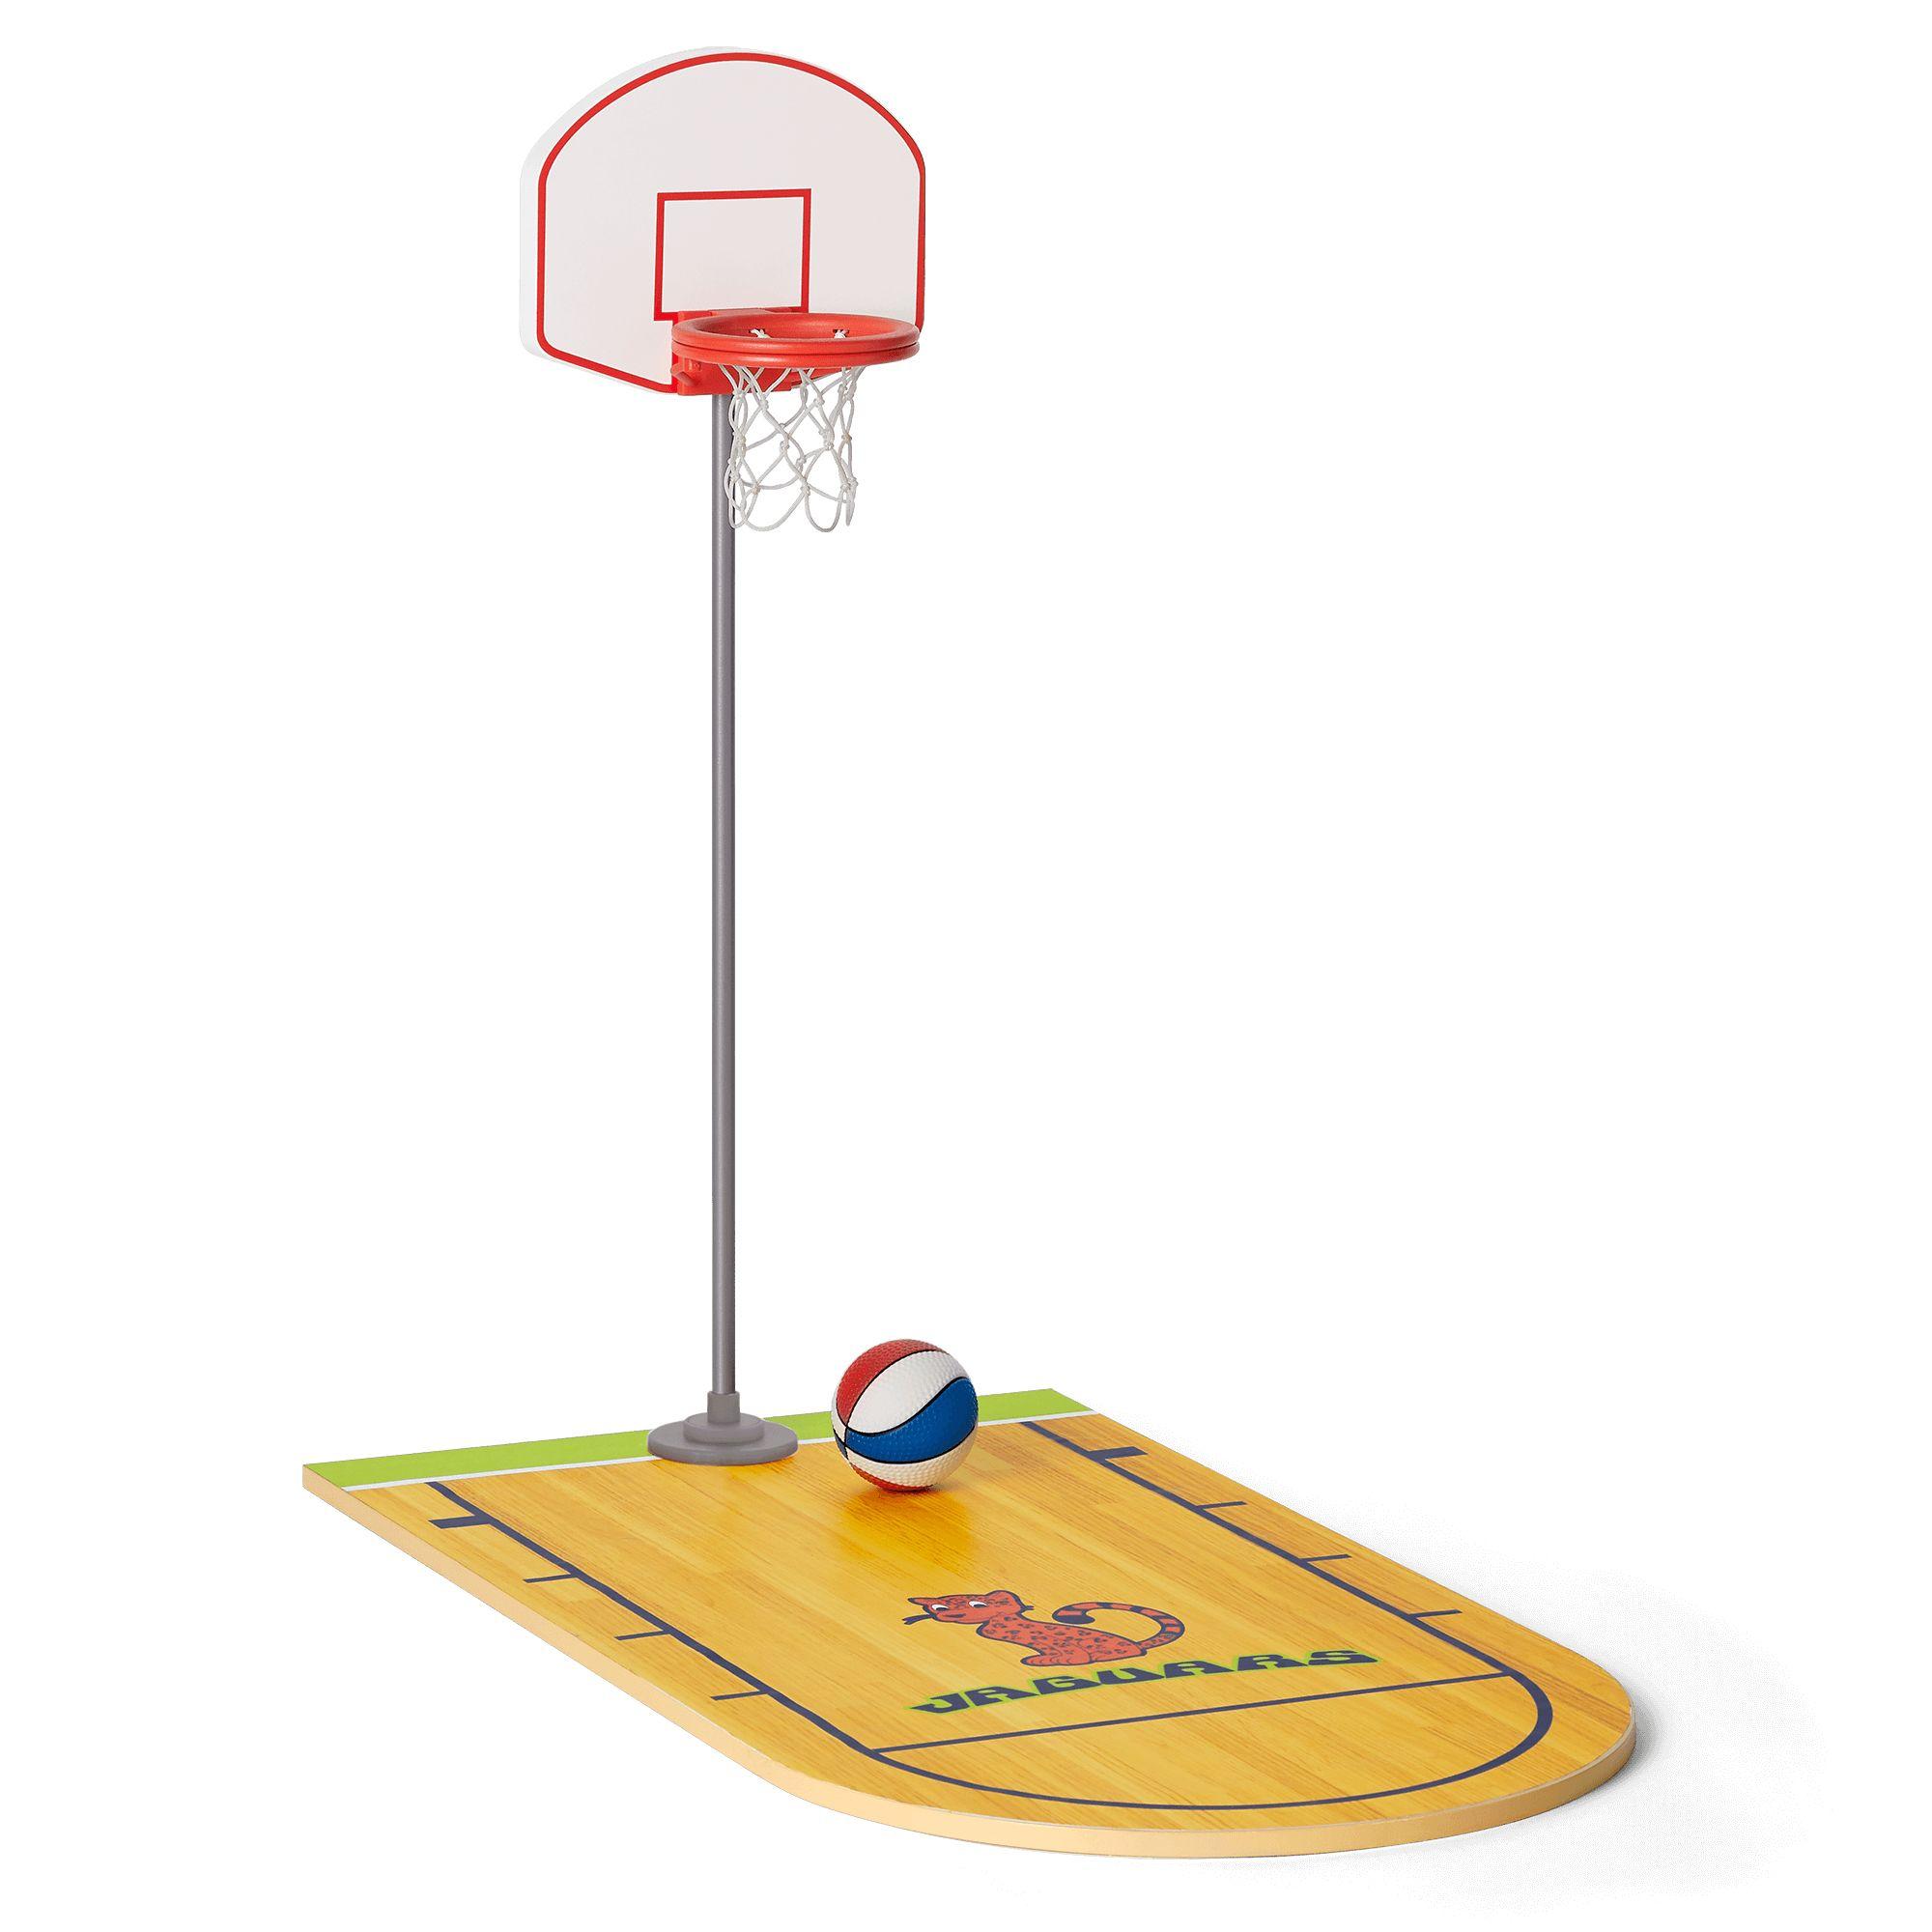 Julie's Basketball Court